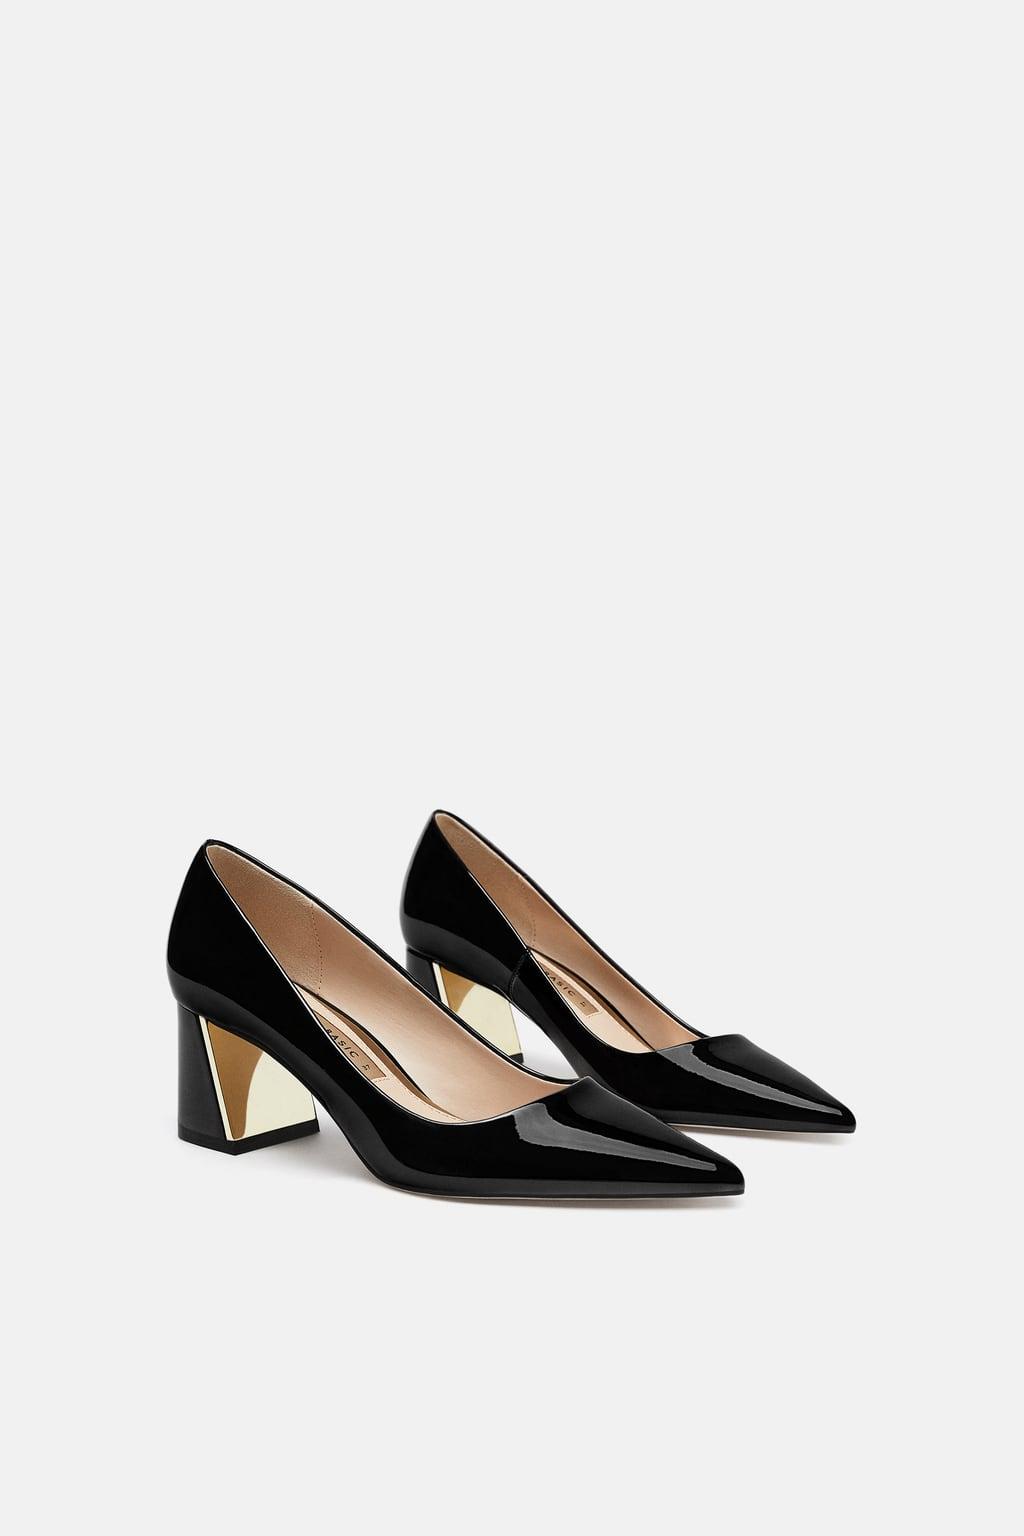 Block Heel Shoes - £19.99